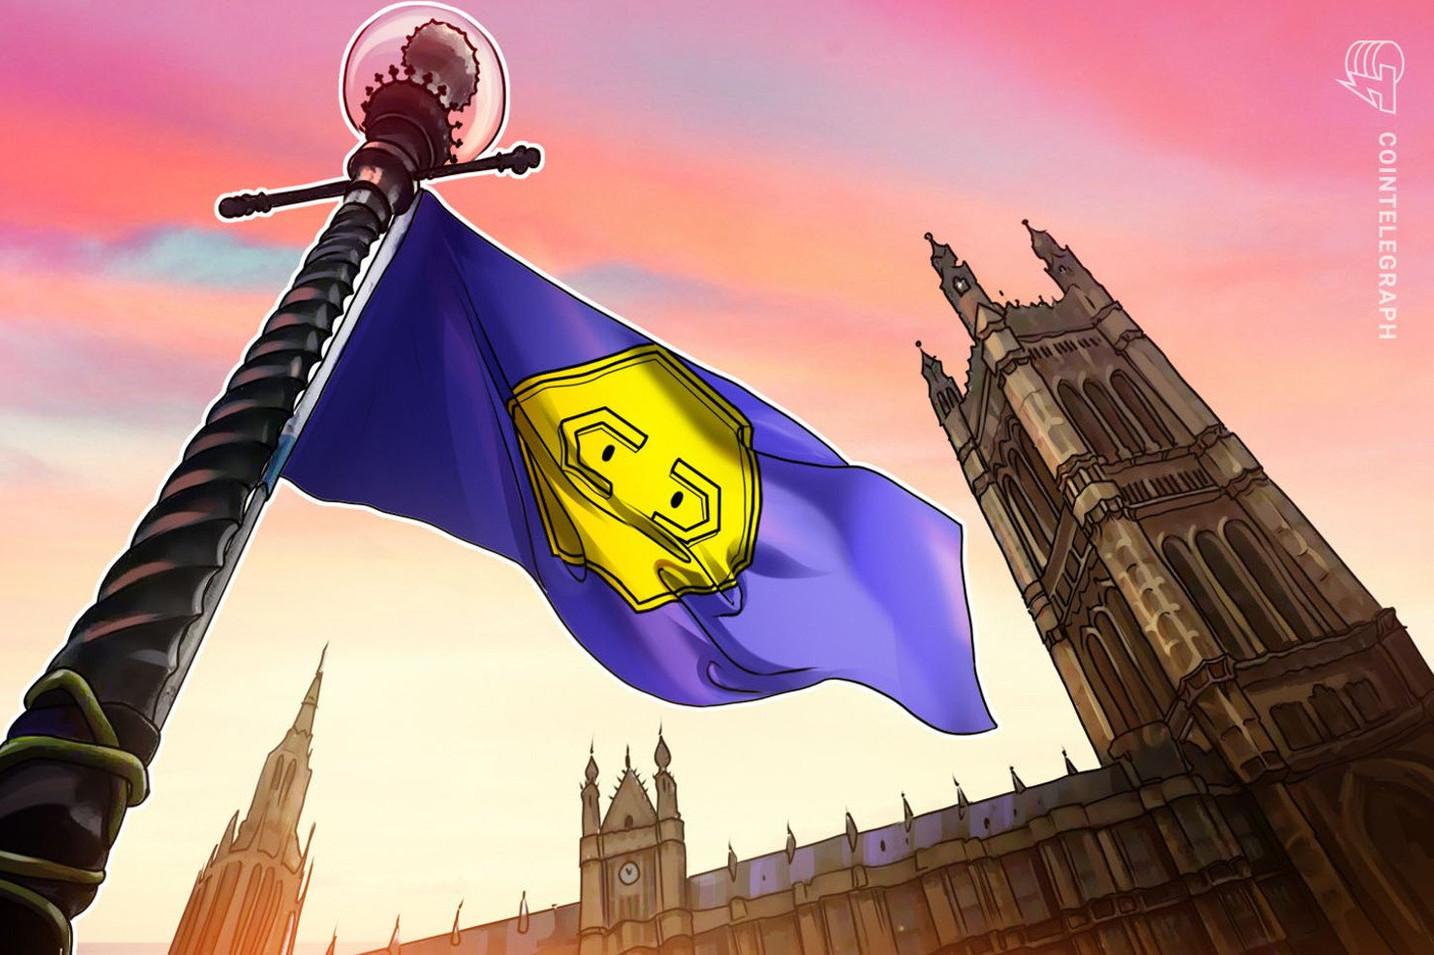 仮想通貨ビットコイン保有者は 「全てを失う覚悟を」イングランド銀行の次期総裁が発言